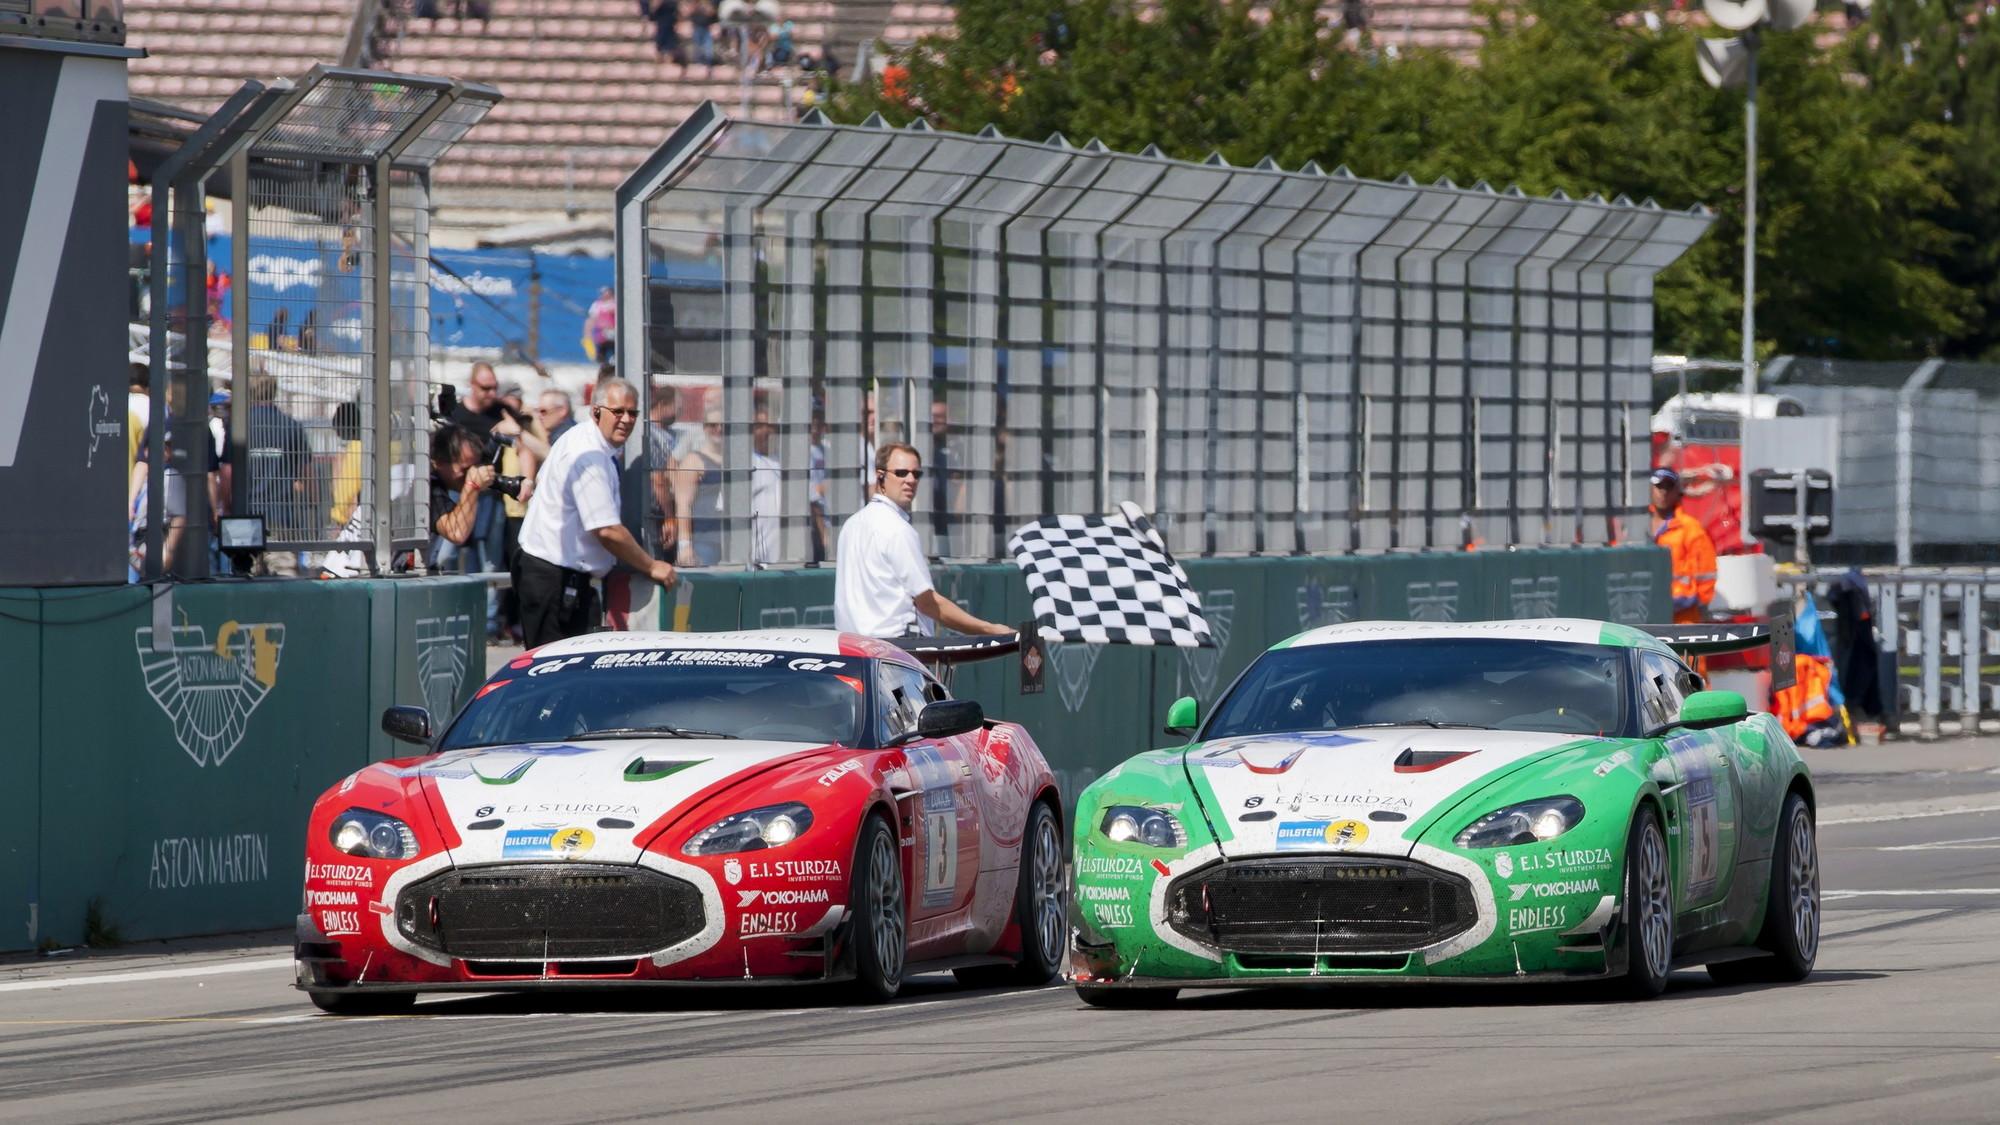 2011 Aston Martin V12 Zagato Race